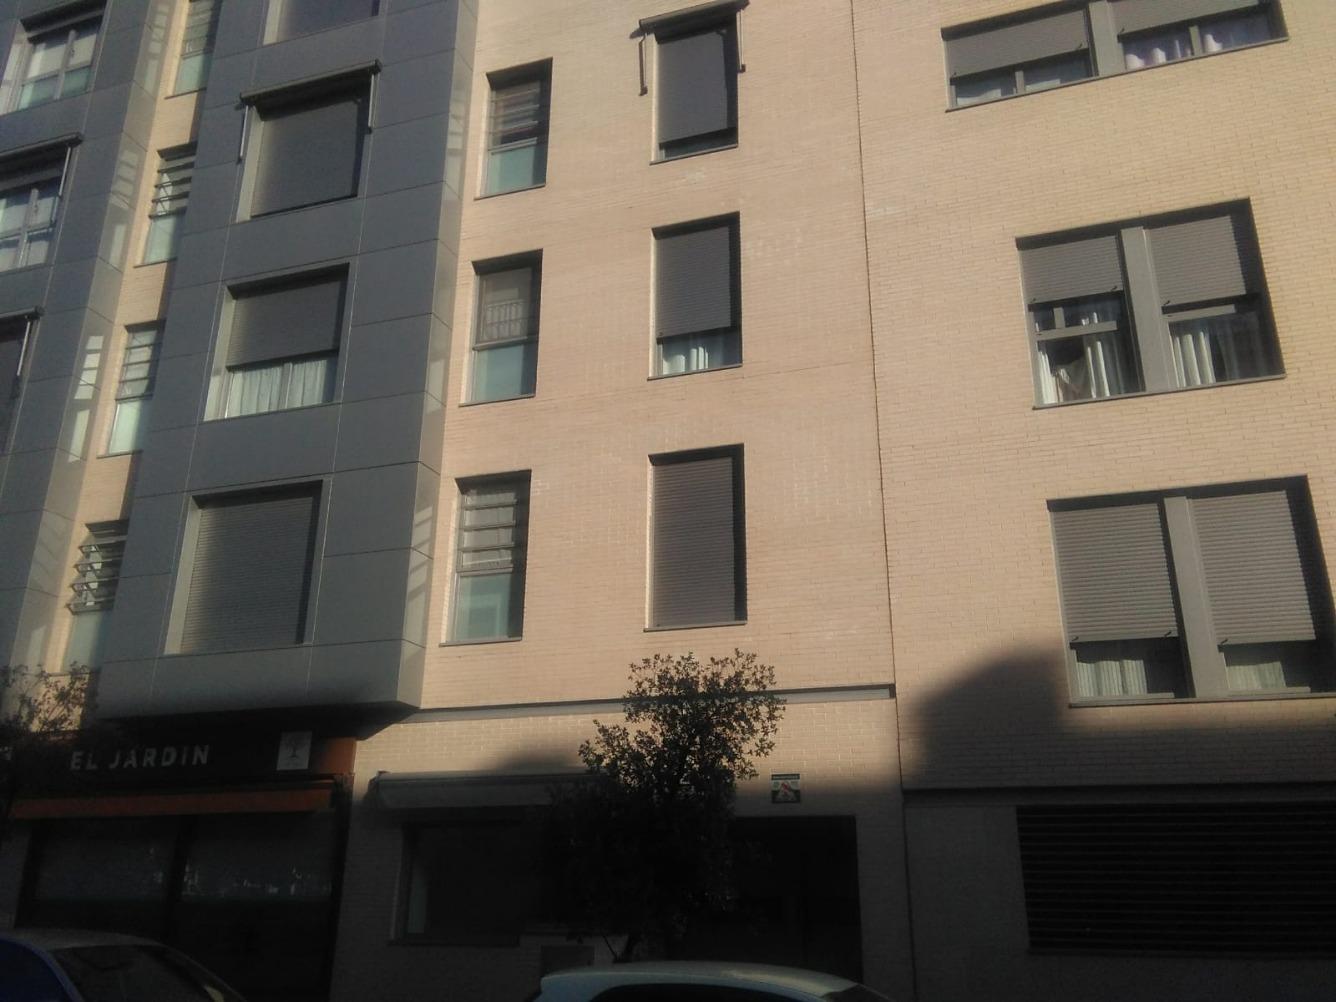 Pisocasas Com Inmobiliaria Rehconsa En Alcobendas